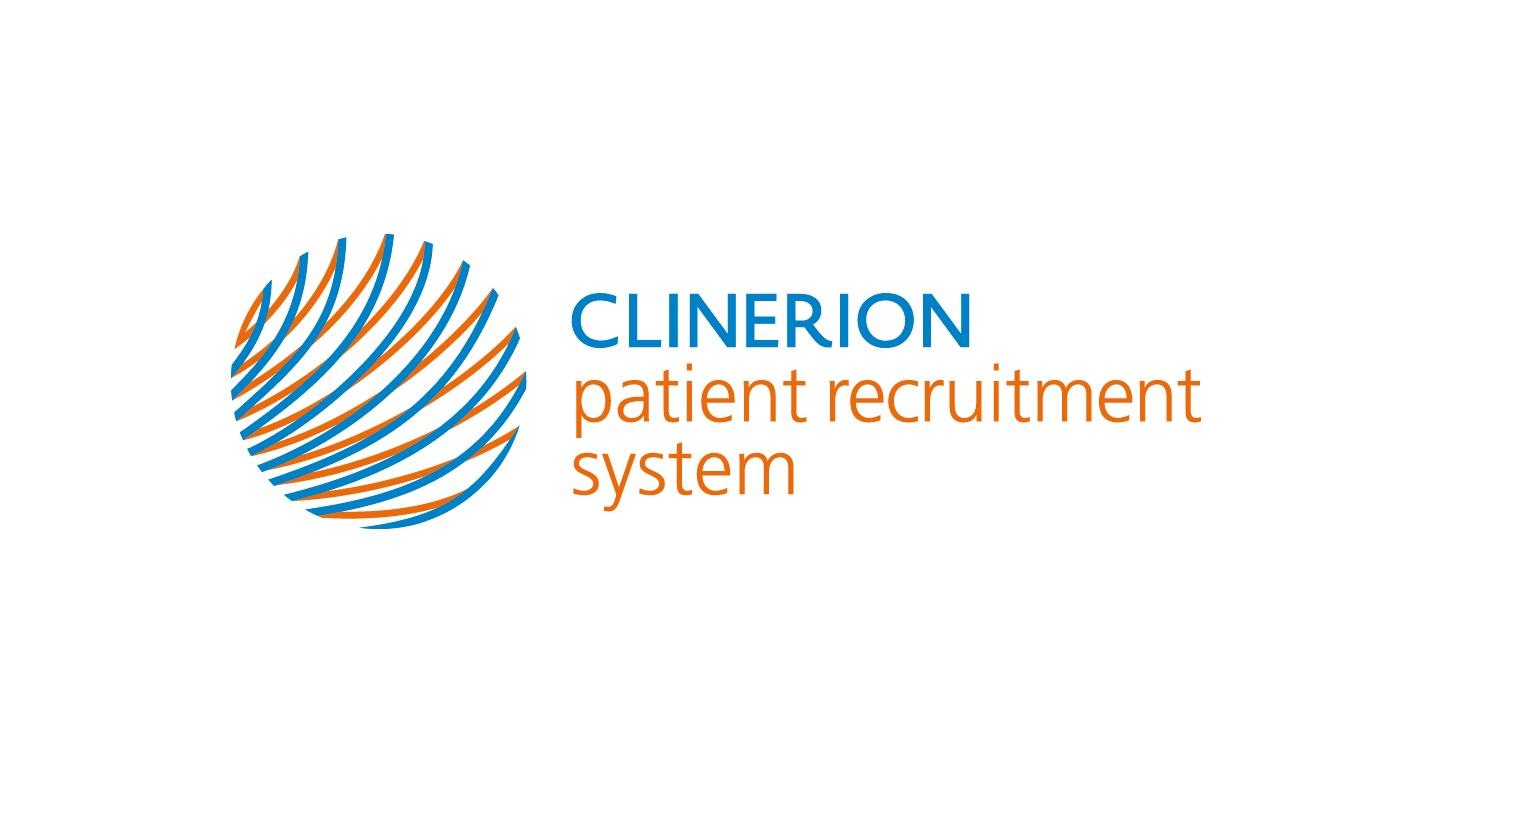 Clinerion Patient Recruitment System